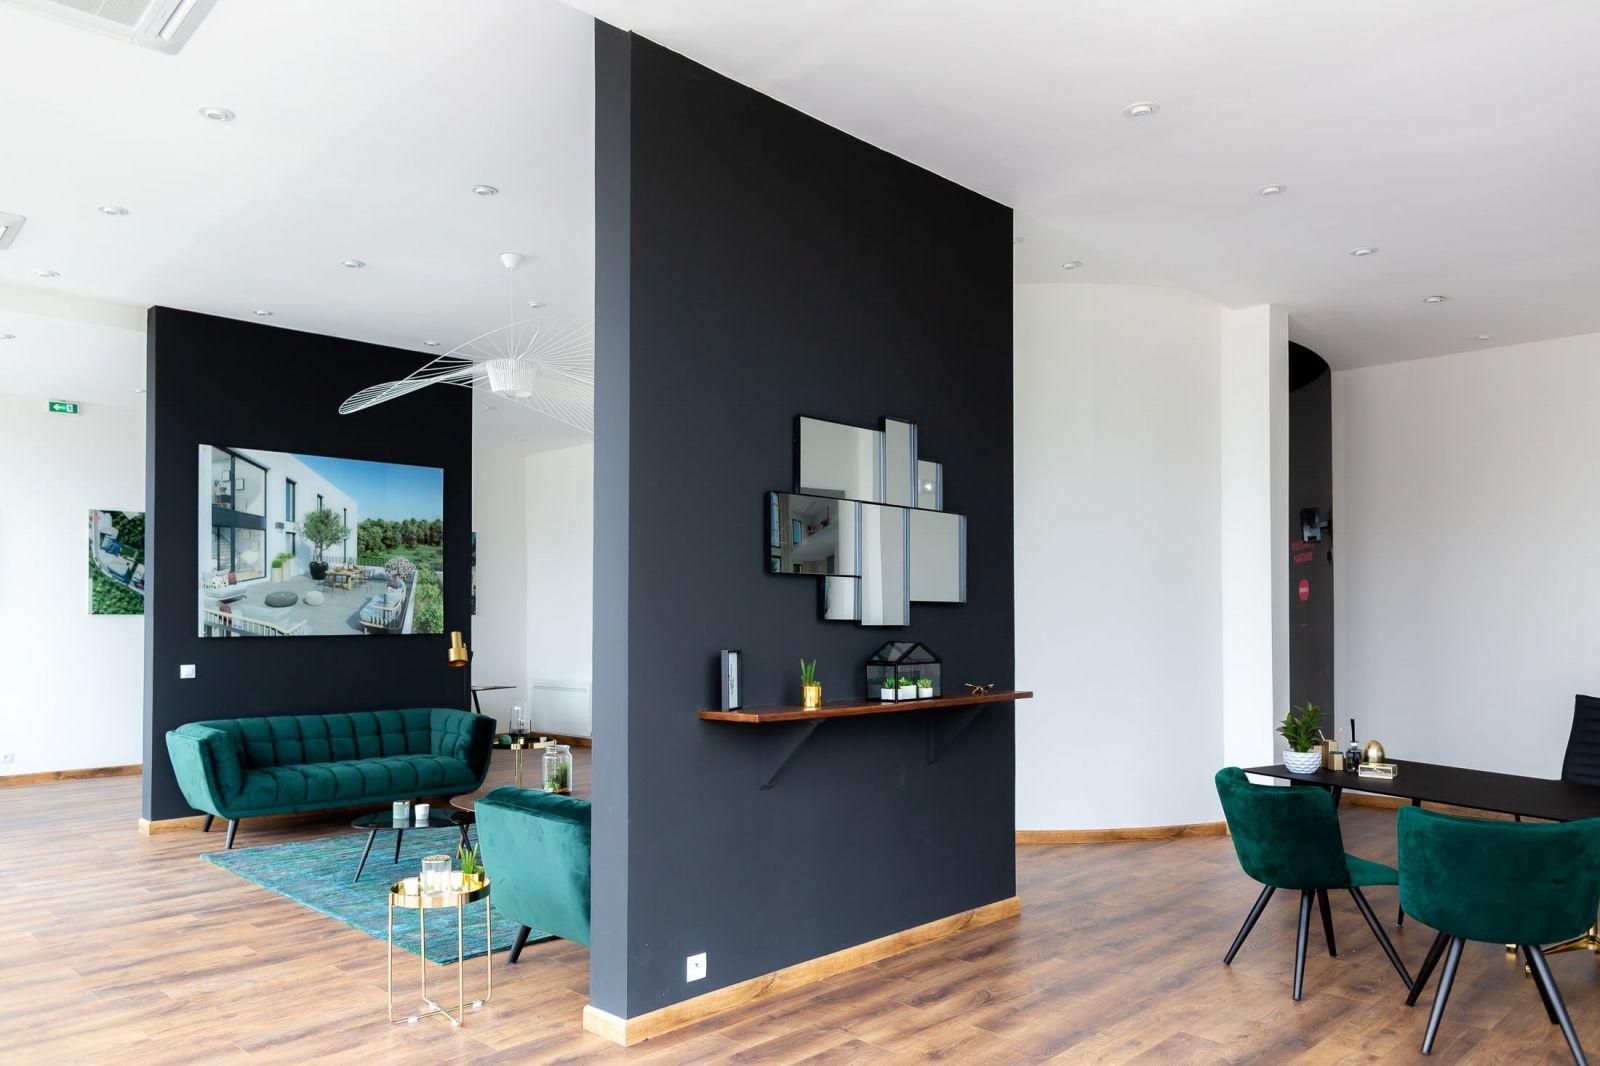 photographe-immobilier-paris-agnescolombo